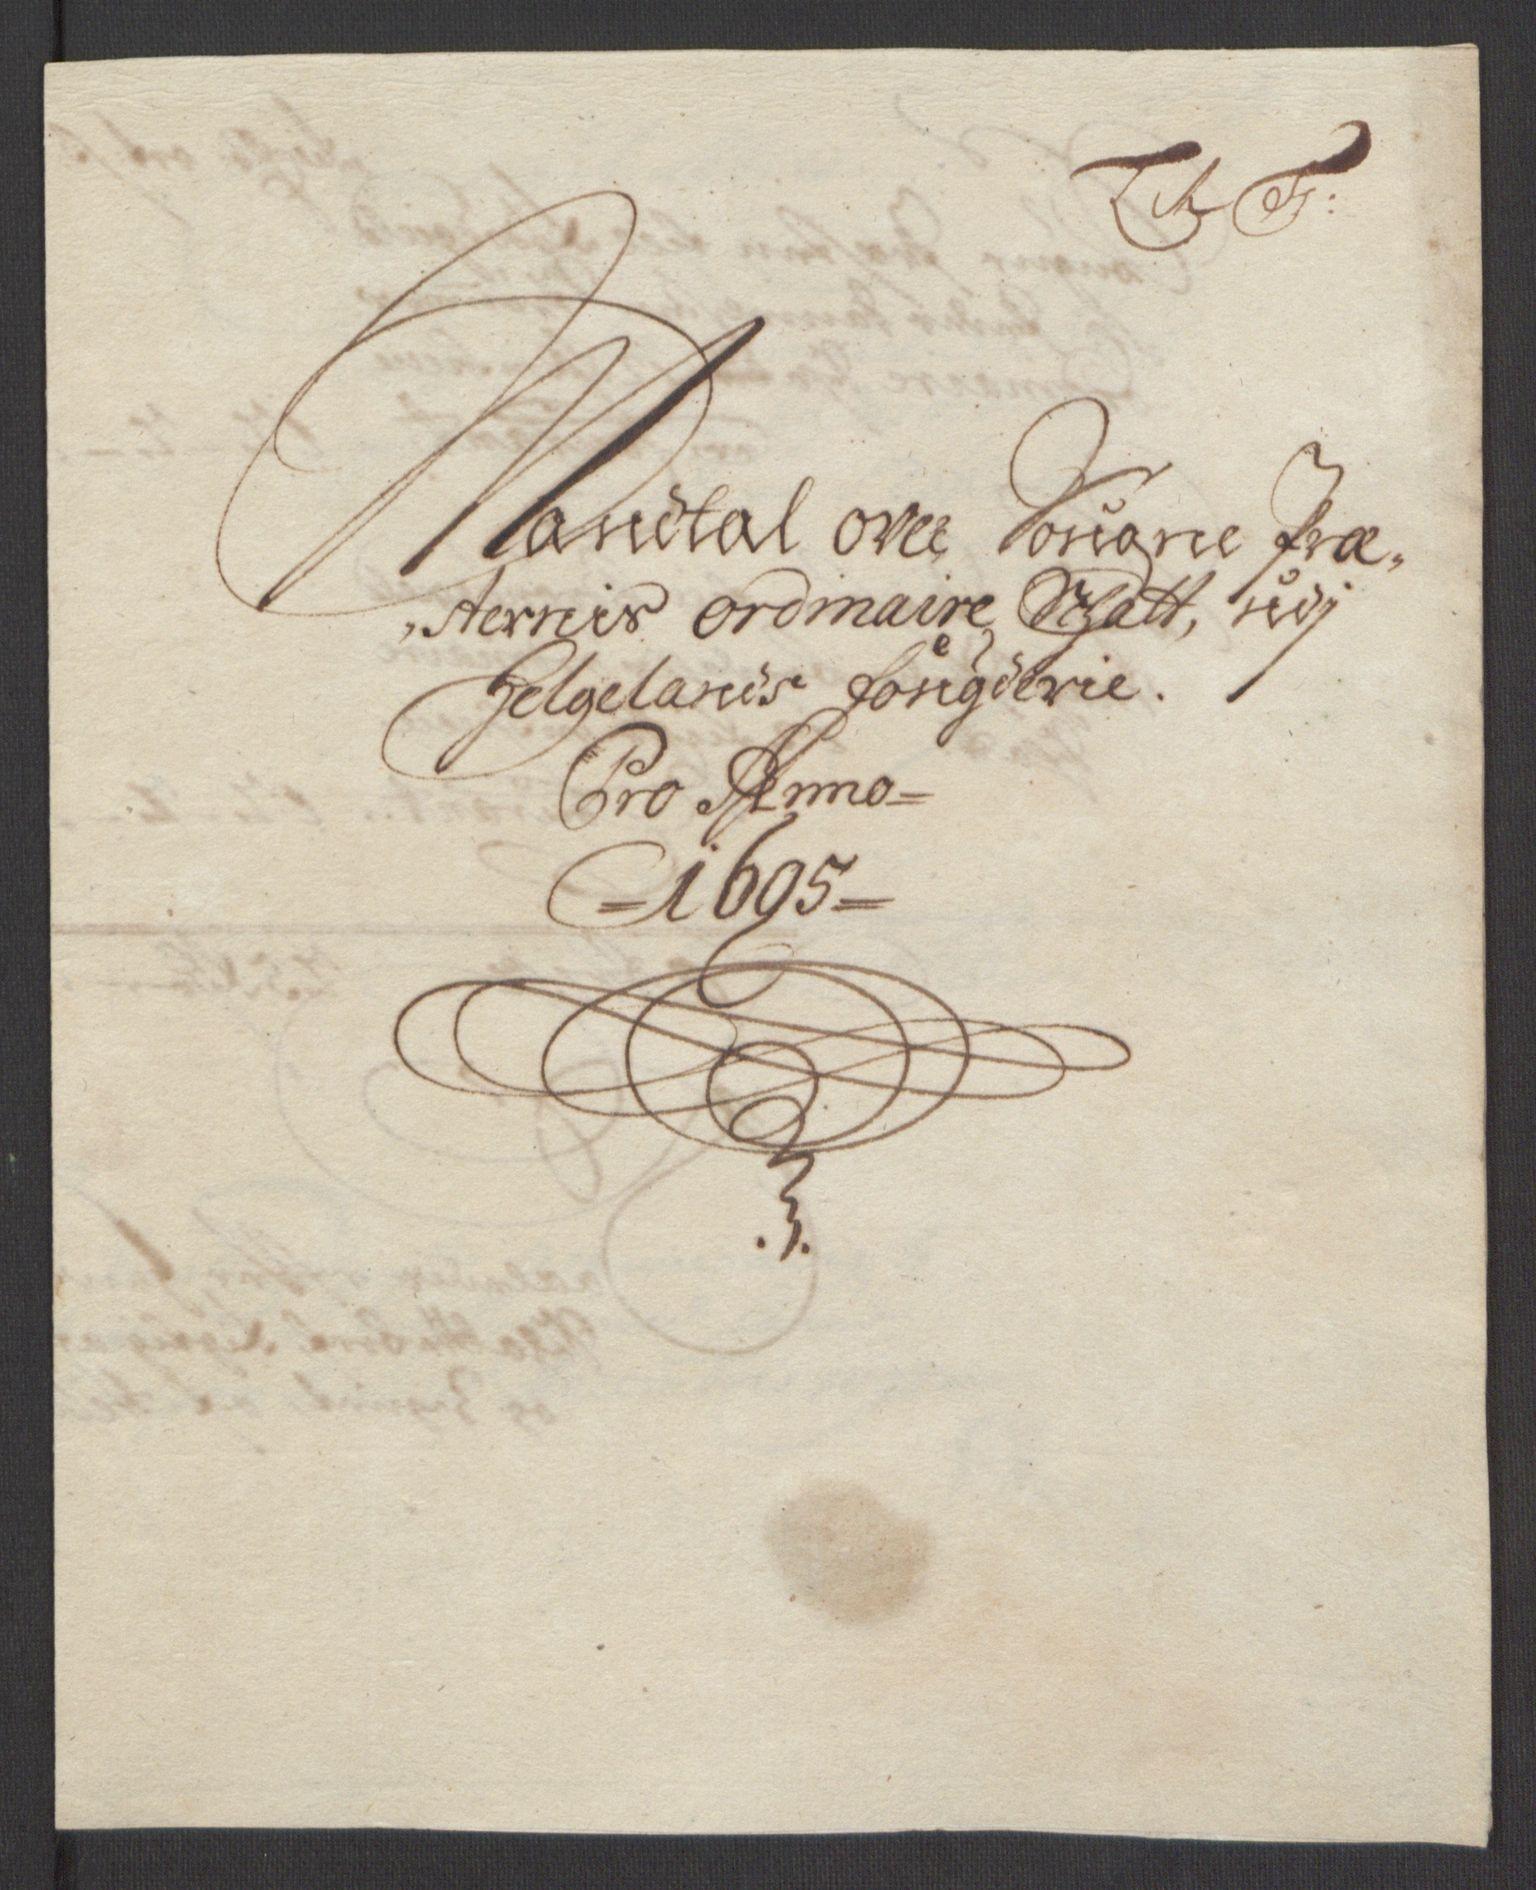 RA, Rentekammeret inntil 1814, Reviderte regnskaper, Fogderegnskap, R65/L4505: Fogderegnskap Helgeland, 1693-1696, s. 381